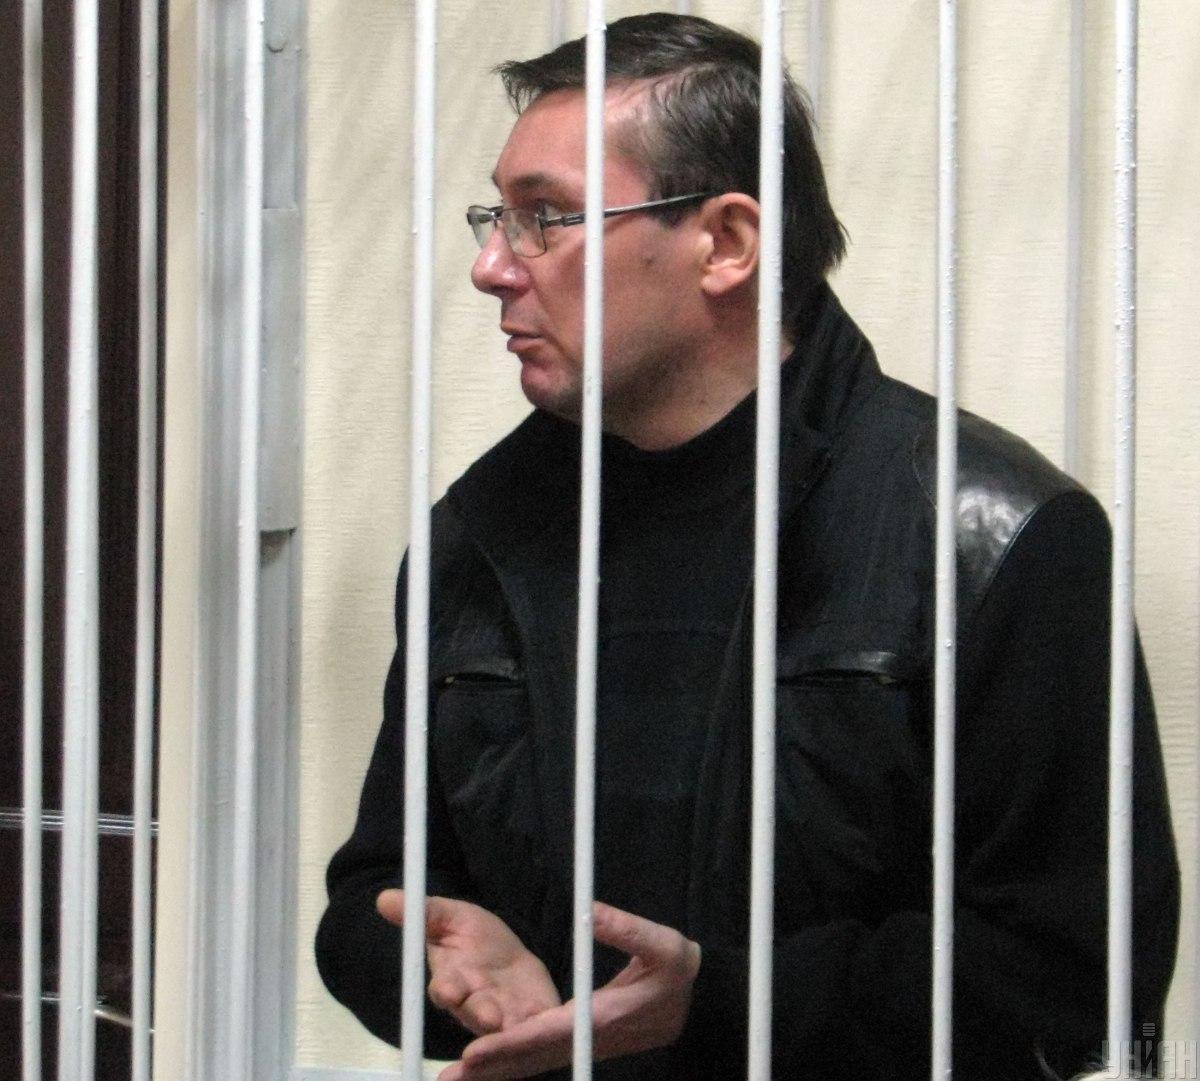 Юрія Луценка посадять на чотири роки / фото УНІАН, Віталій Кохан